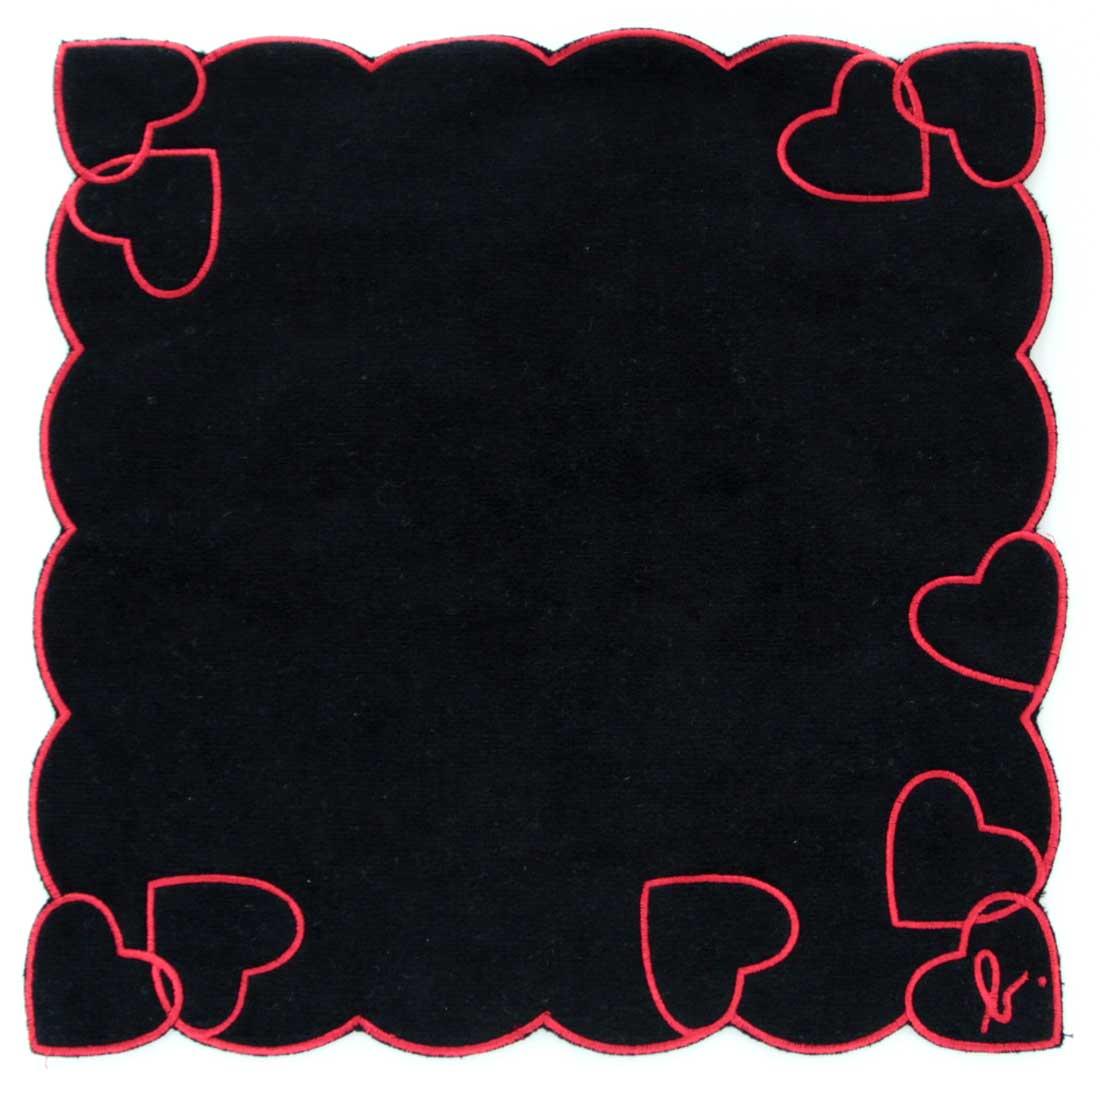 アニエスベー タオルハンカチ 0504 ブラック 【agnes b】